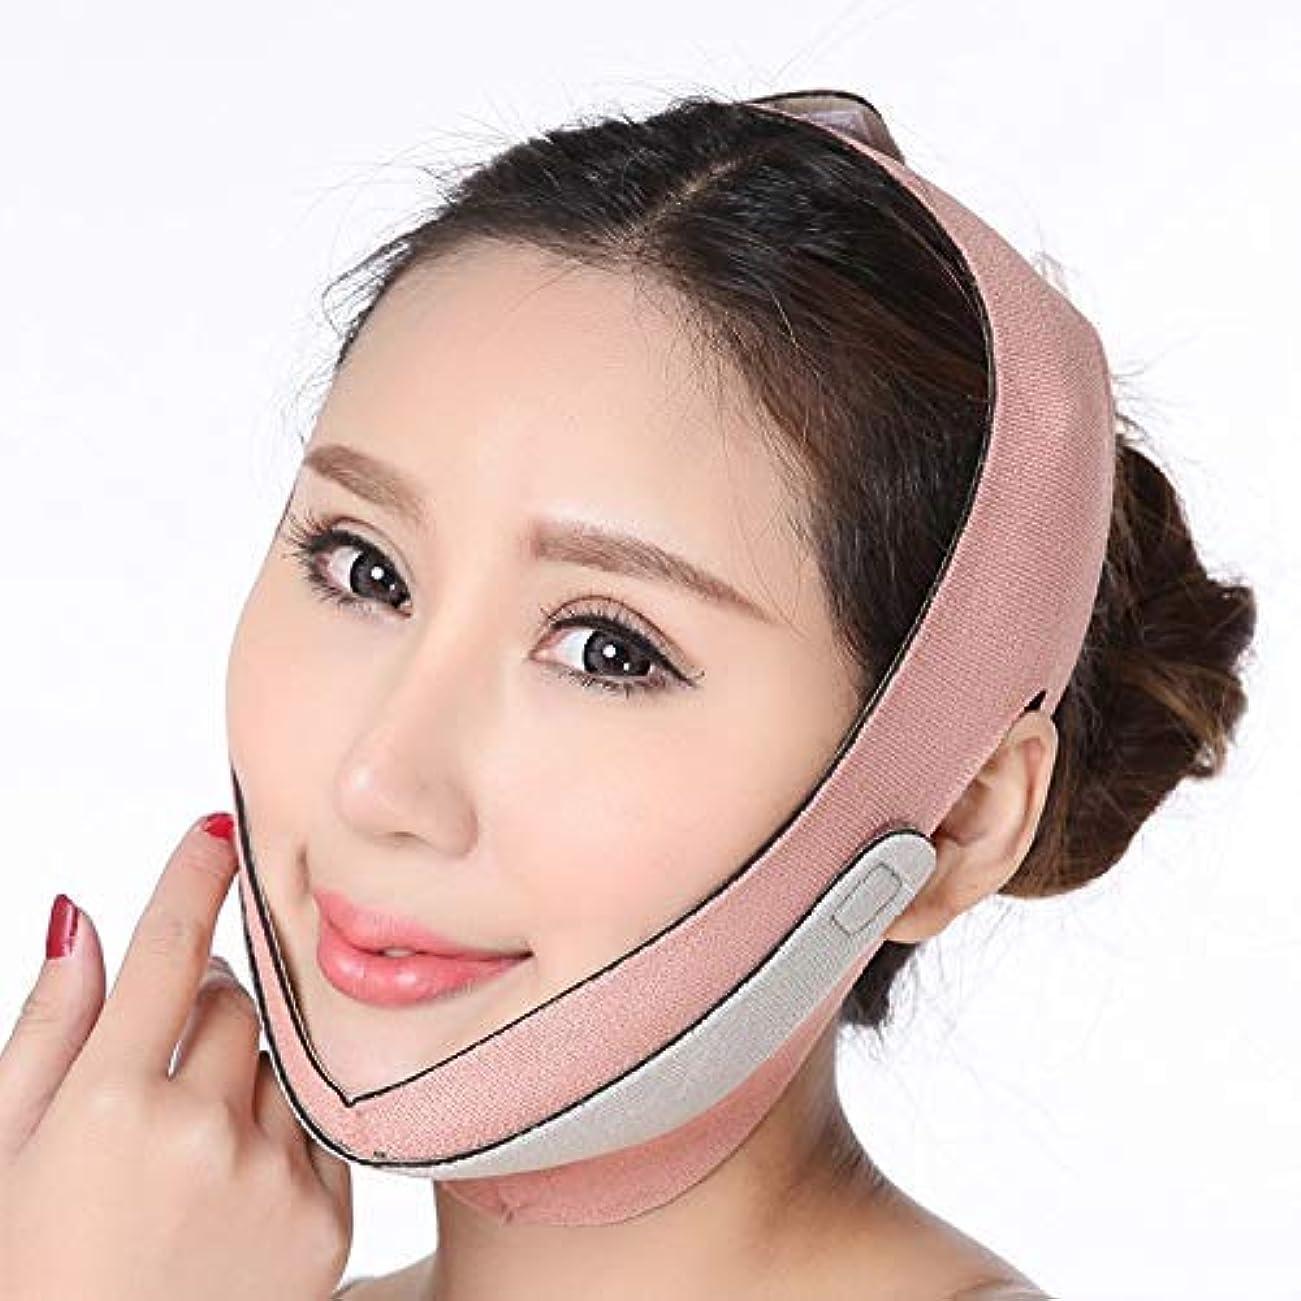 オンハードウェア宿題をするHUYYA フェイスリフティング包帯 フェイスマスク、V字ベルト補正ベルトスキンケアチンは、リフティングファーミングストラップダブルチンヘルスケア,Pink_Large